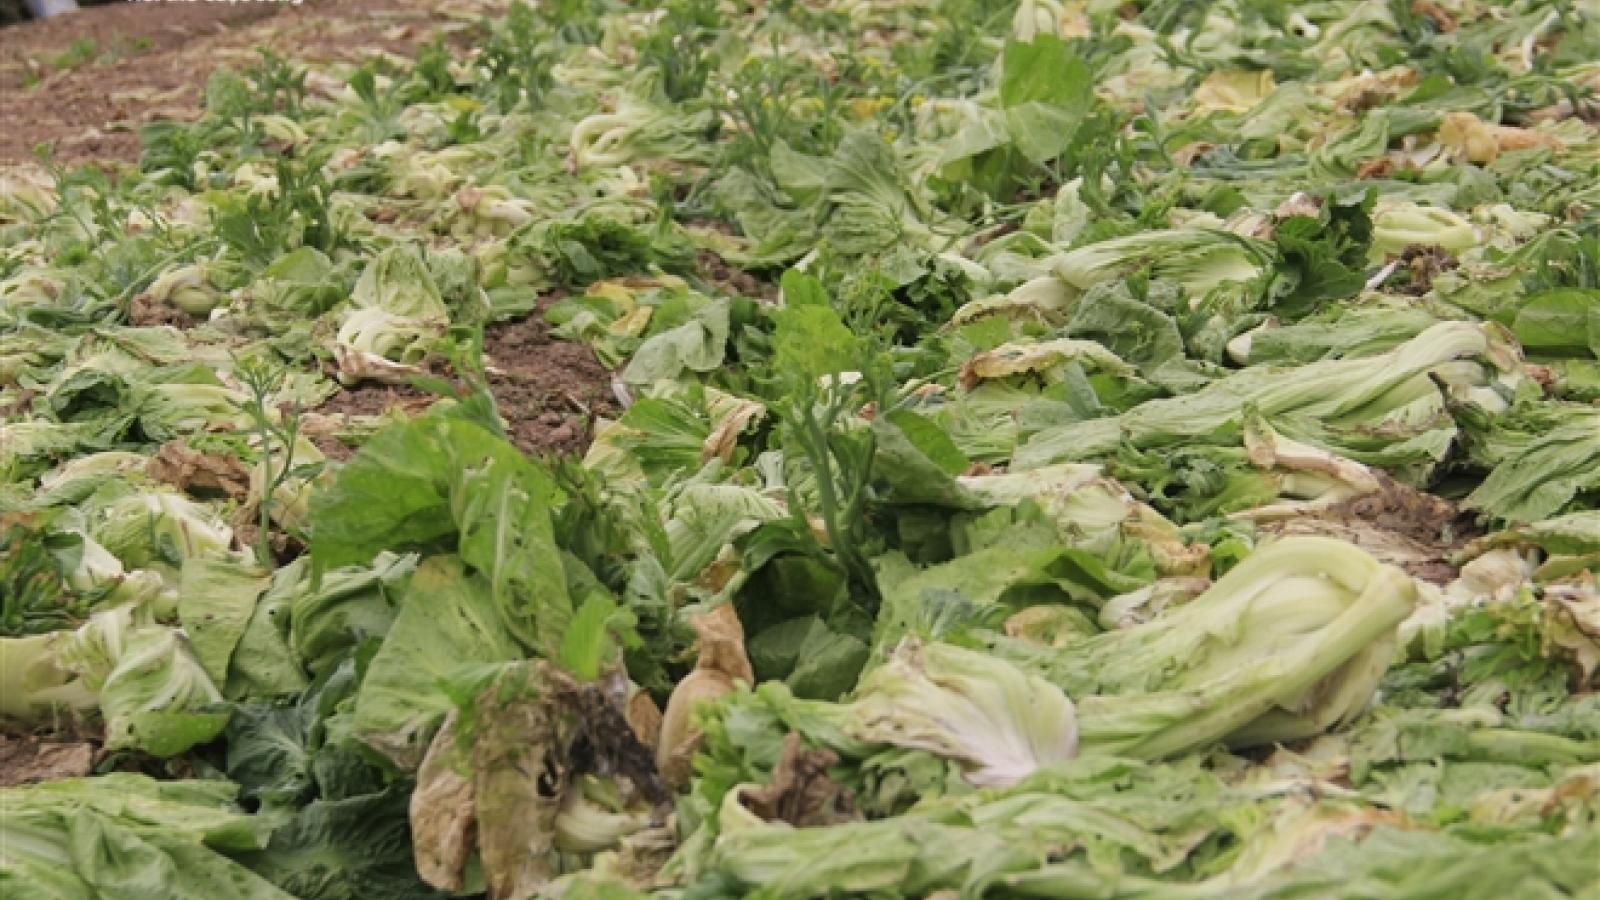 Hà Nội: Rau rẻ như bèo, nông dân bỏ đầy đồng làm phân bón